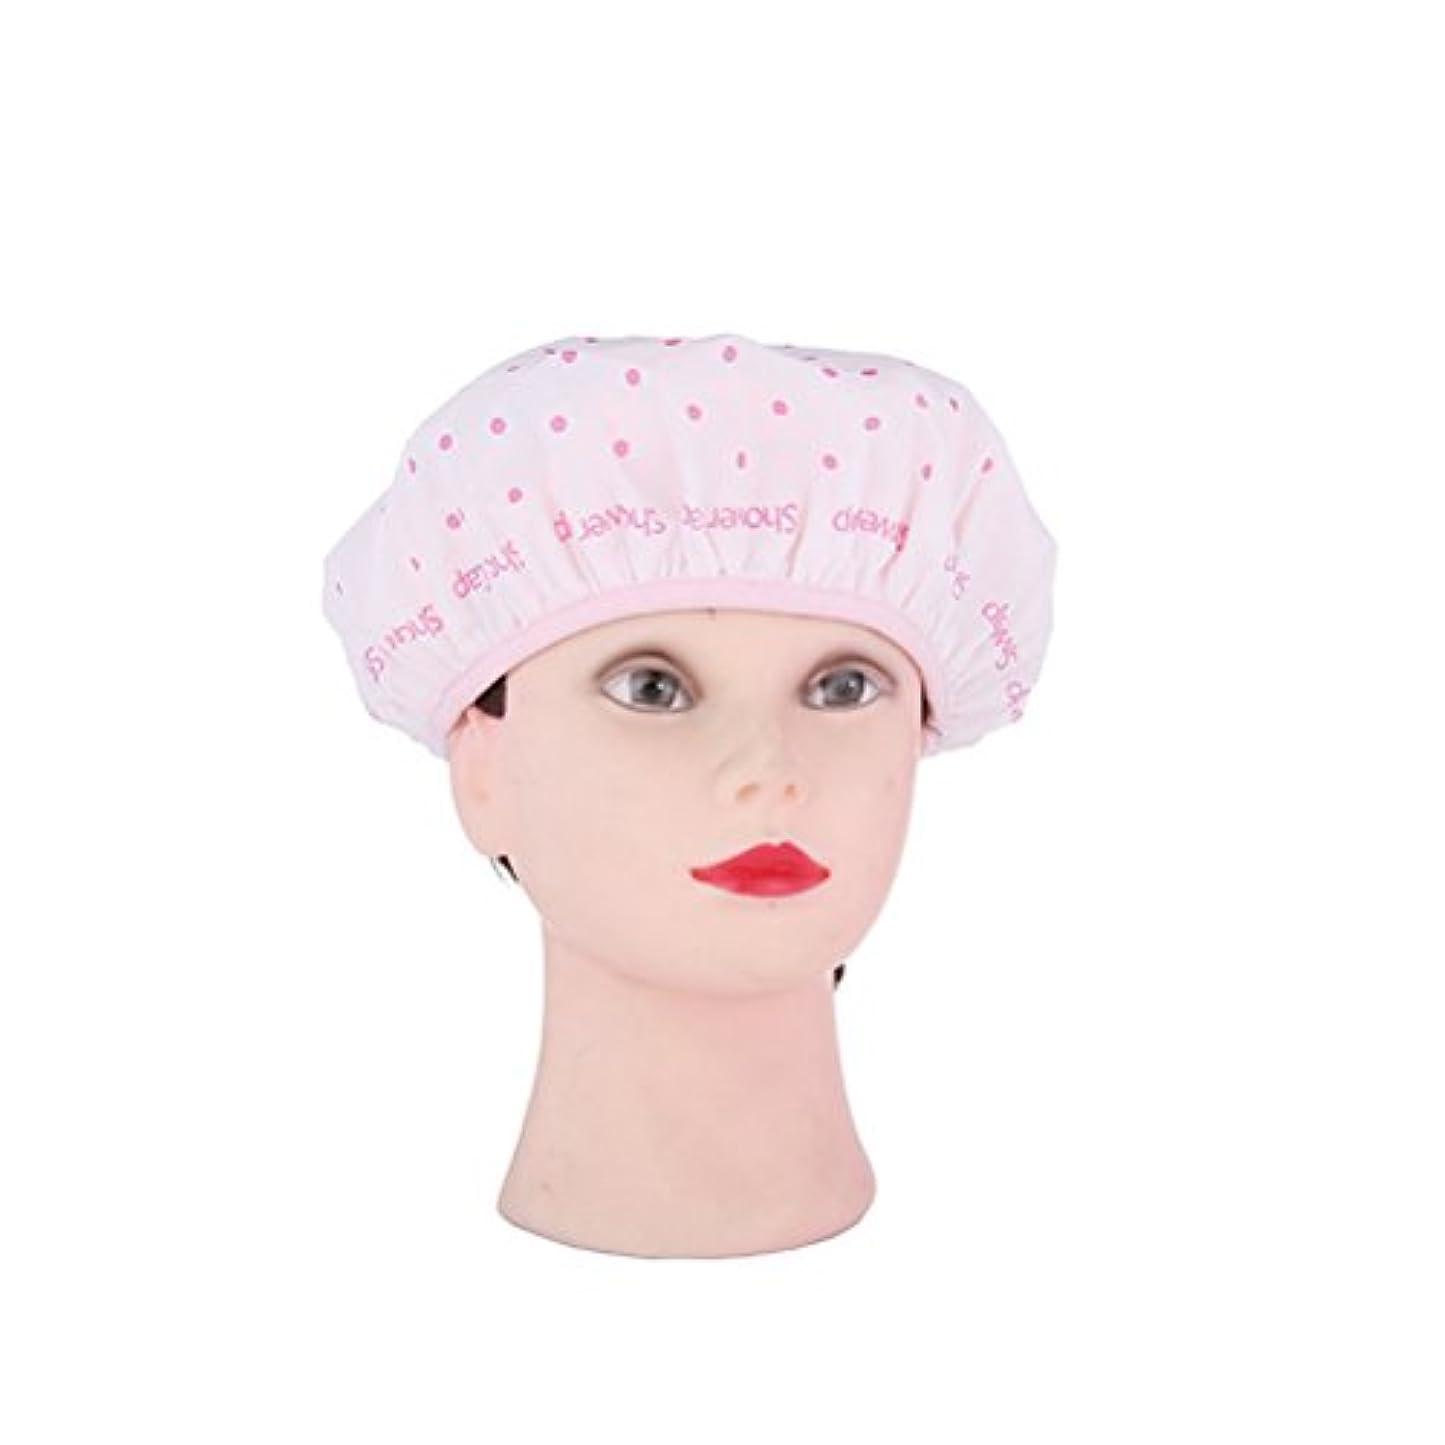 司令官たっぷり島ROSENICE シャワーキャップ防水性モールド抵抗性の洗えるシャワーキャップかわいいやわらかい髪の帽子(ピンク)